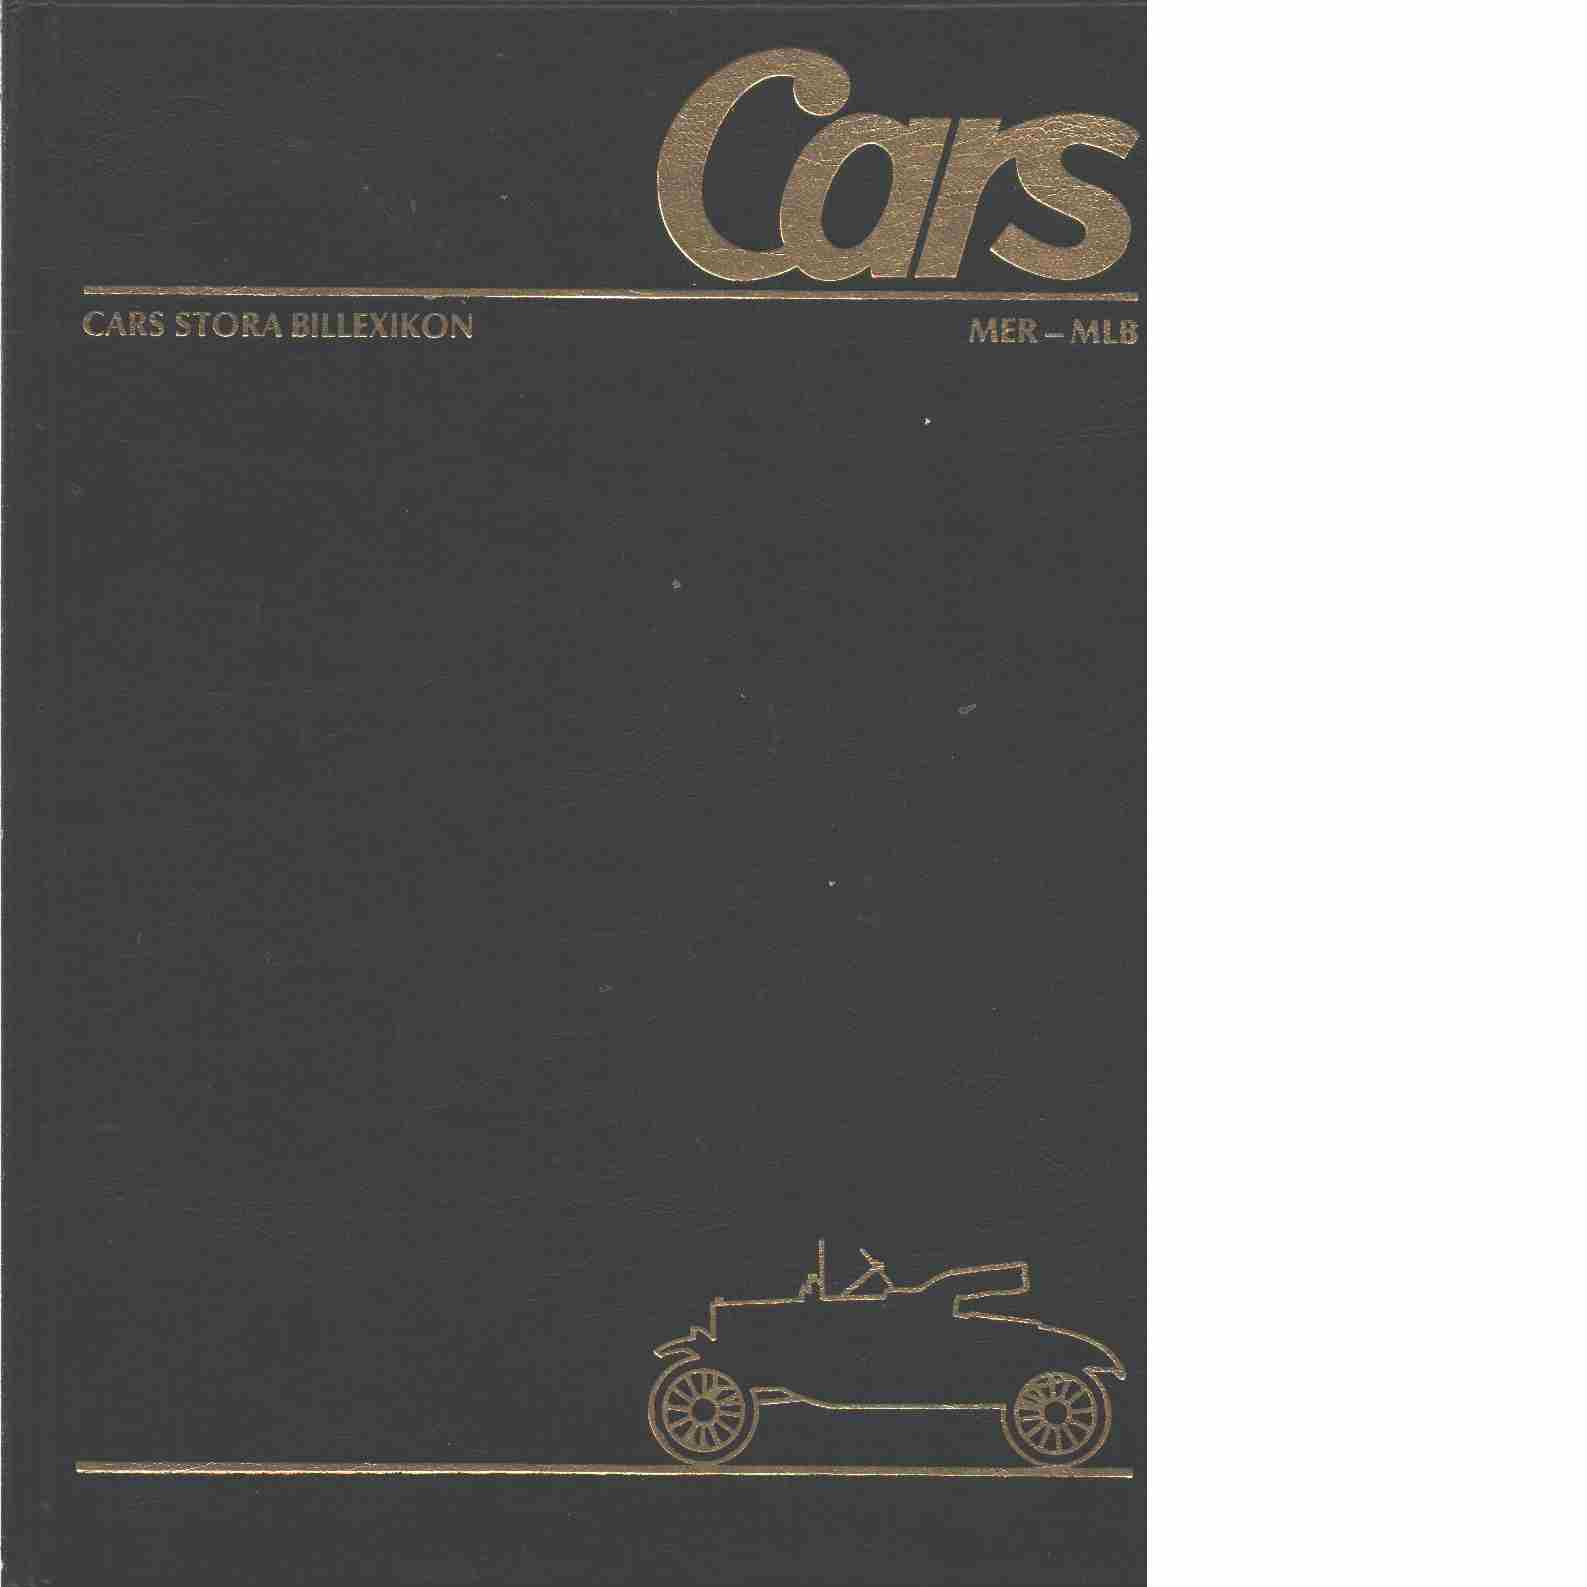 Cars stora billexikon. 24, Mercury-M.L.B. - Red.